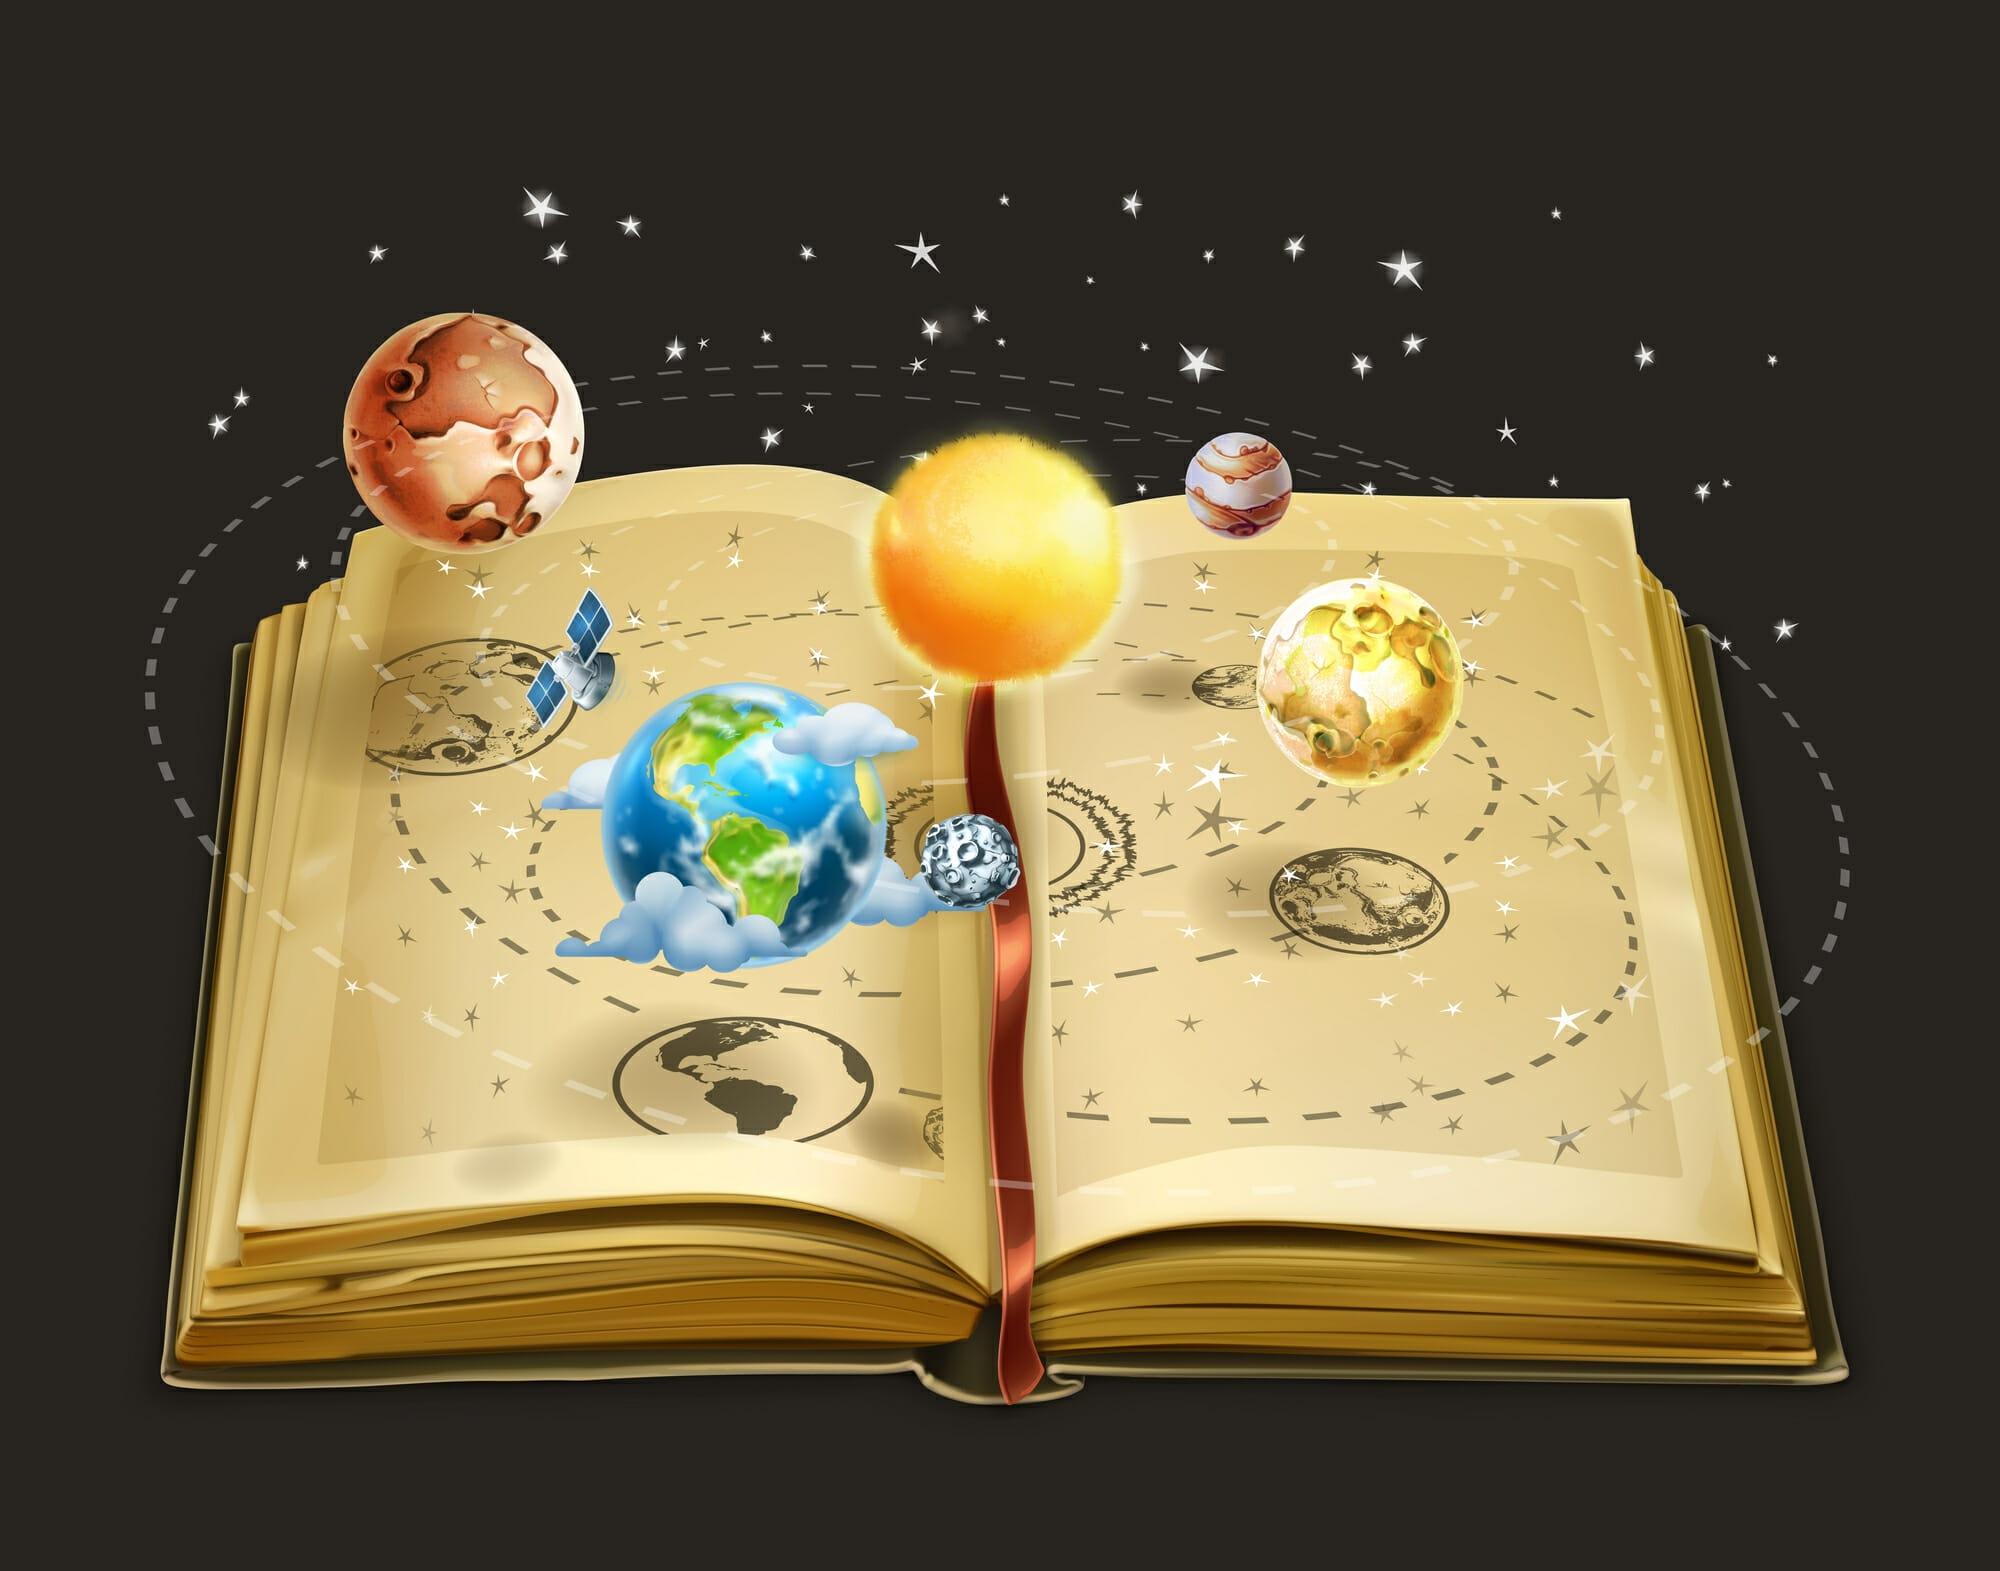 Тест: Проверьте свои знания в астрологии и узнайте, могли бы вы стать астрологом?